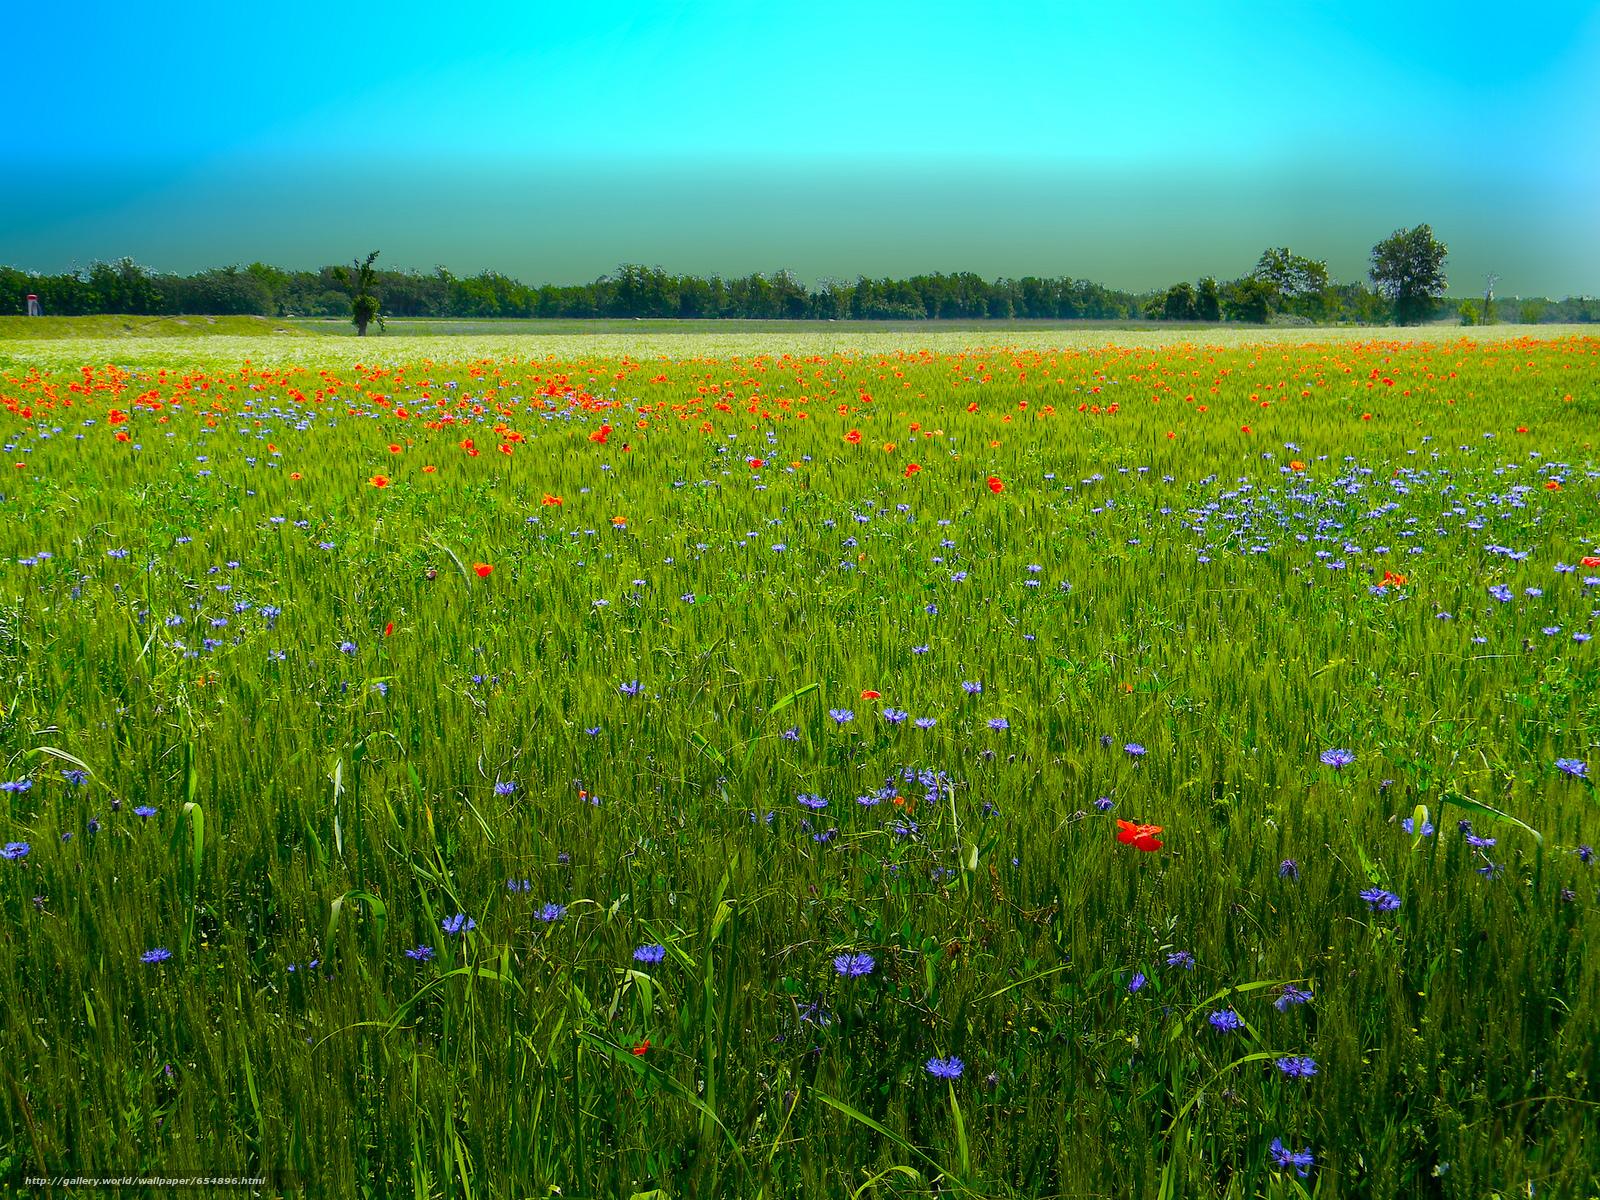 pobra tapety zachód słońca,  pole,  Kwiaty,  krajobraz Darmowe tapety na pulpit rozdzielczoci 2048x1536 — zdjcie №654896